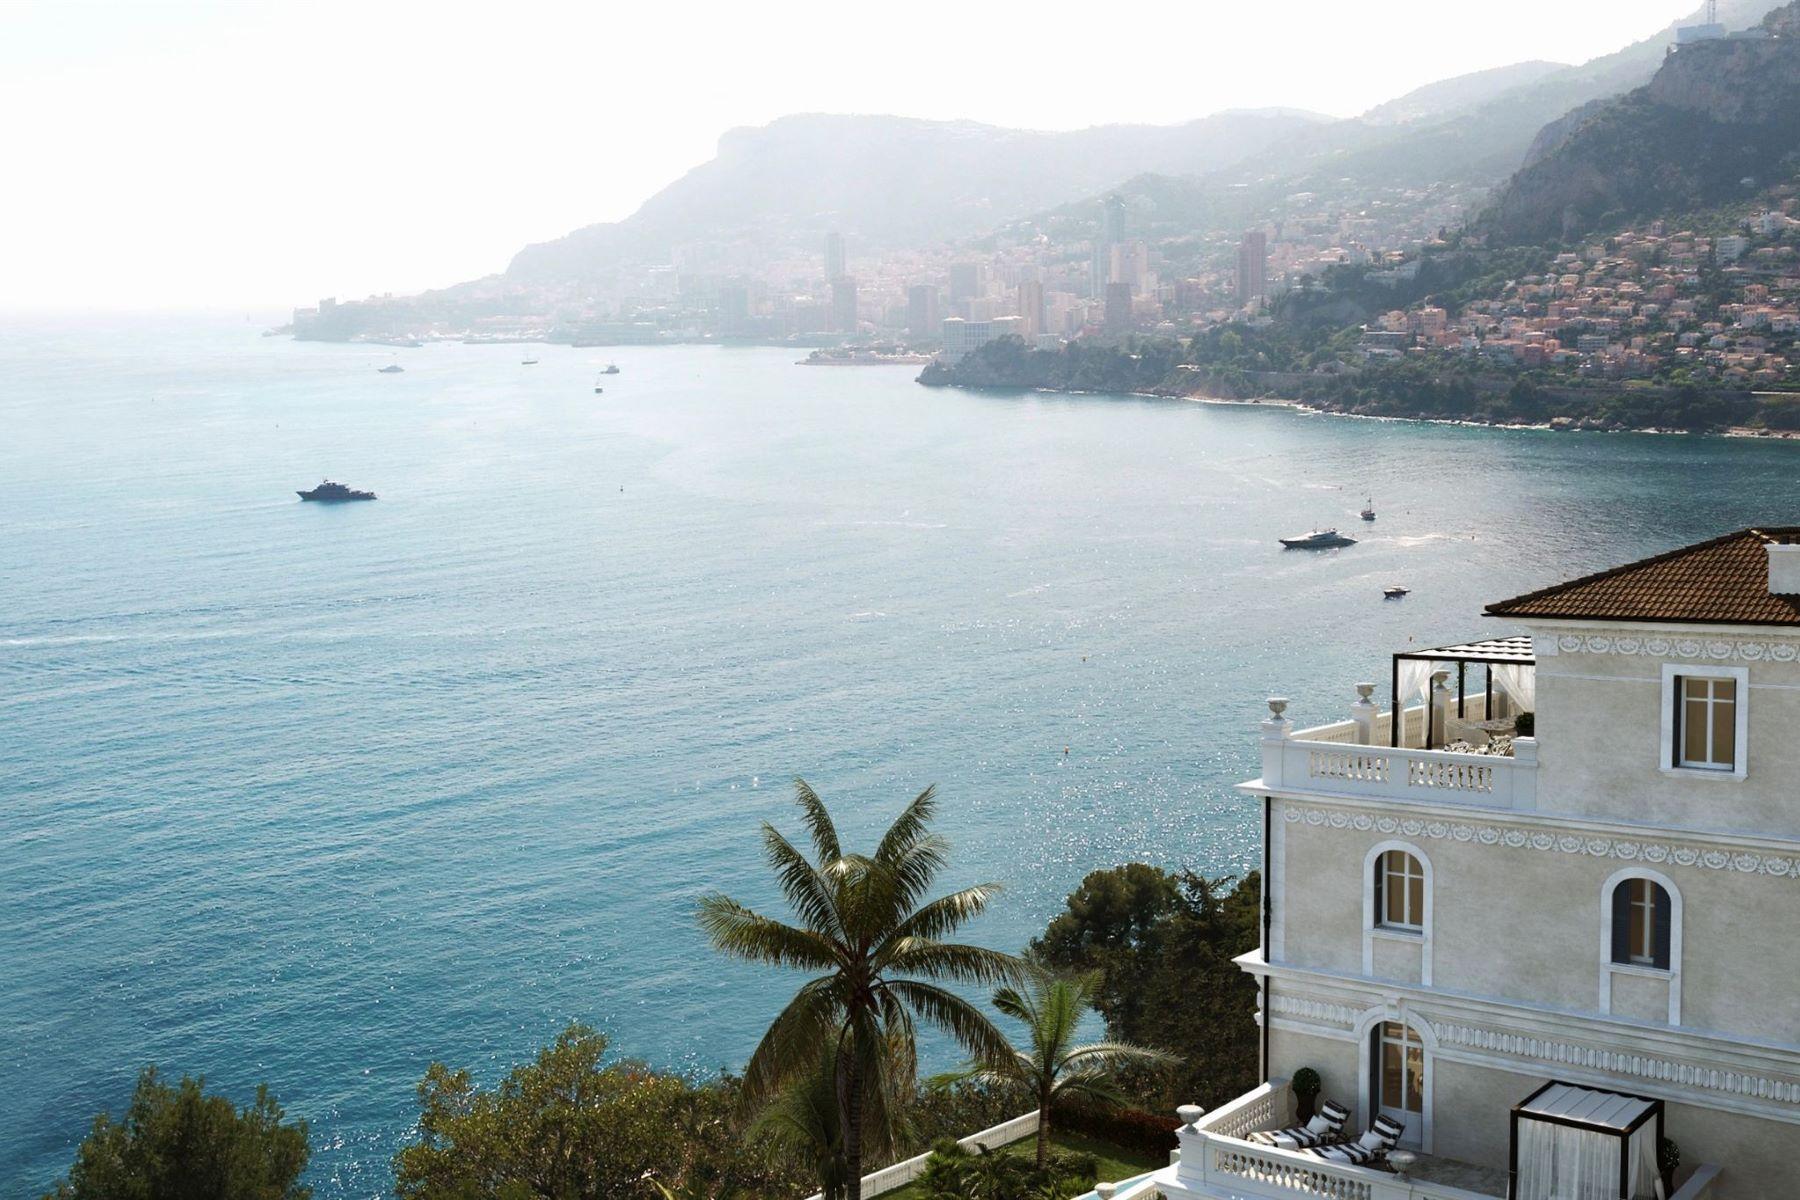 Single Family Homes for Sale at Belle-Époque Property Cap-Martin Roquebrune Cap Martin, Provence-Alpes-Cote D'Azur 06190 France